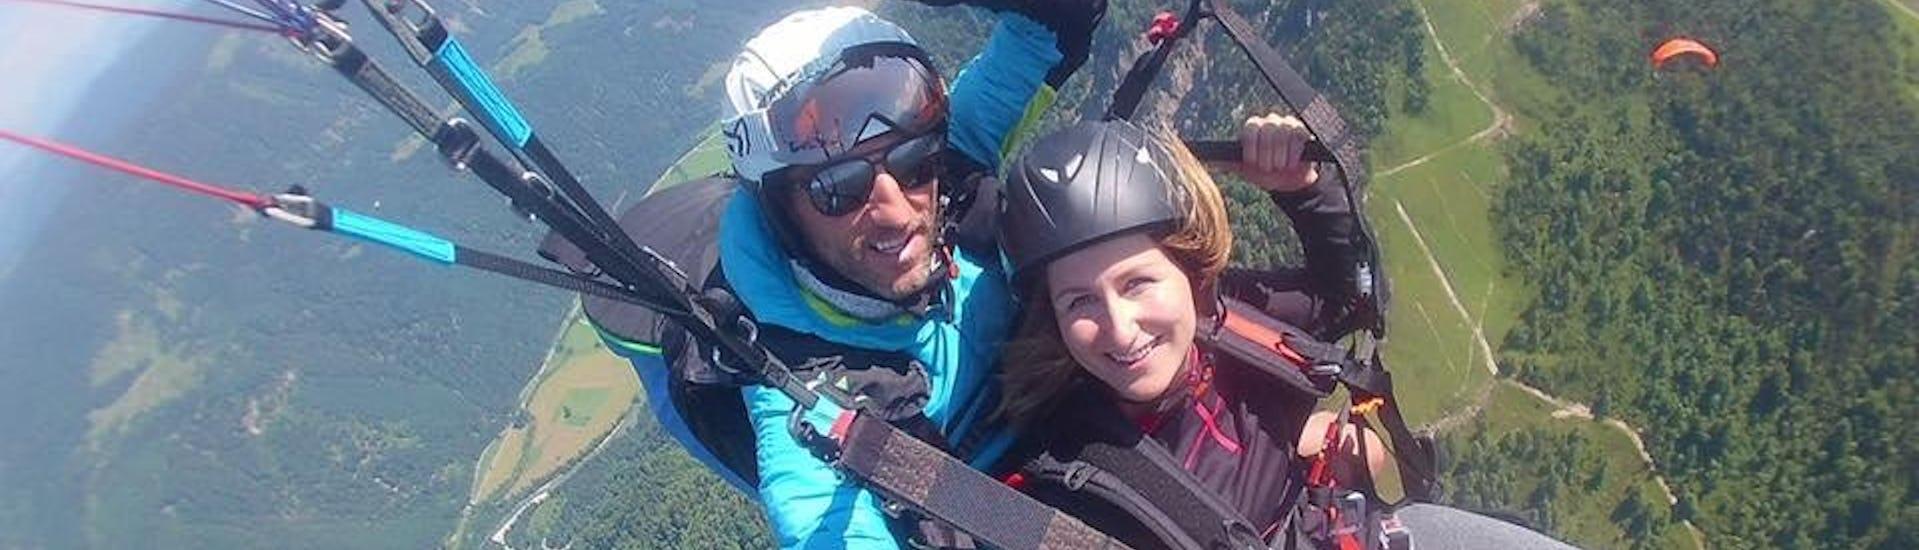 Tandem Paragliding in Kössen - Streckenflug